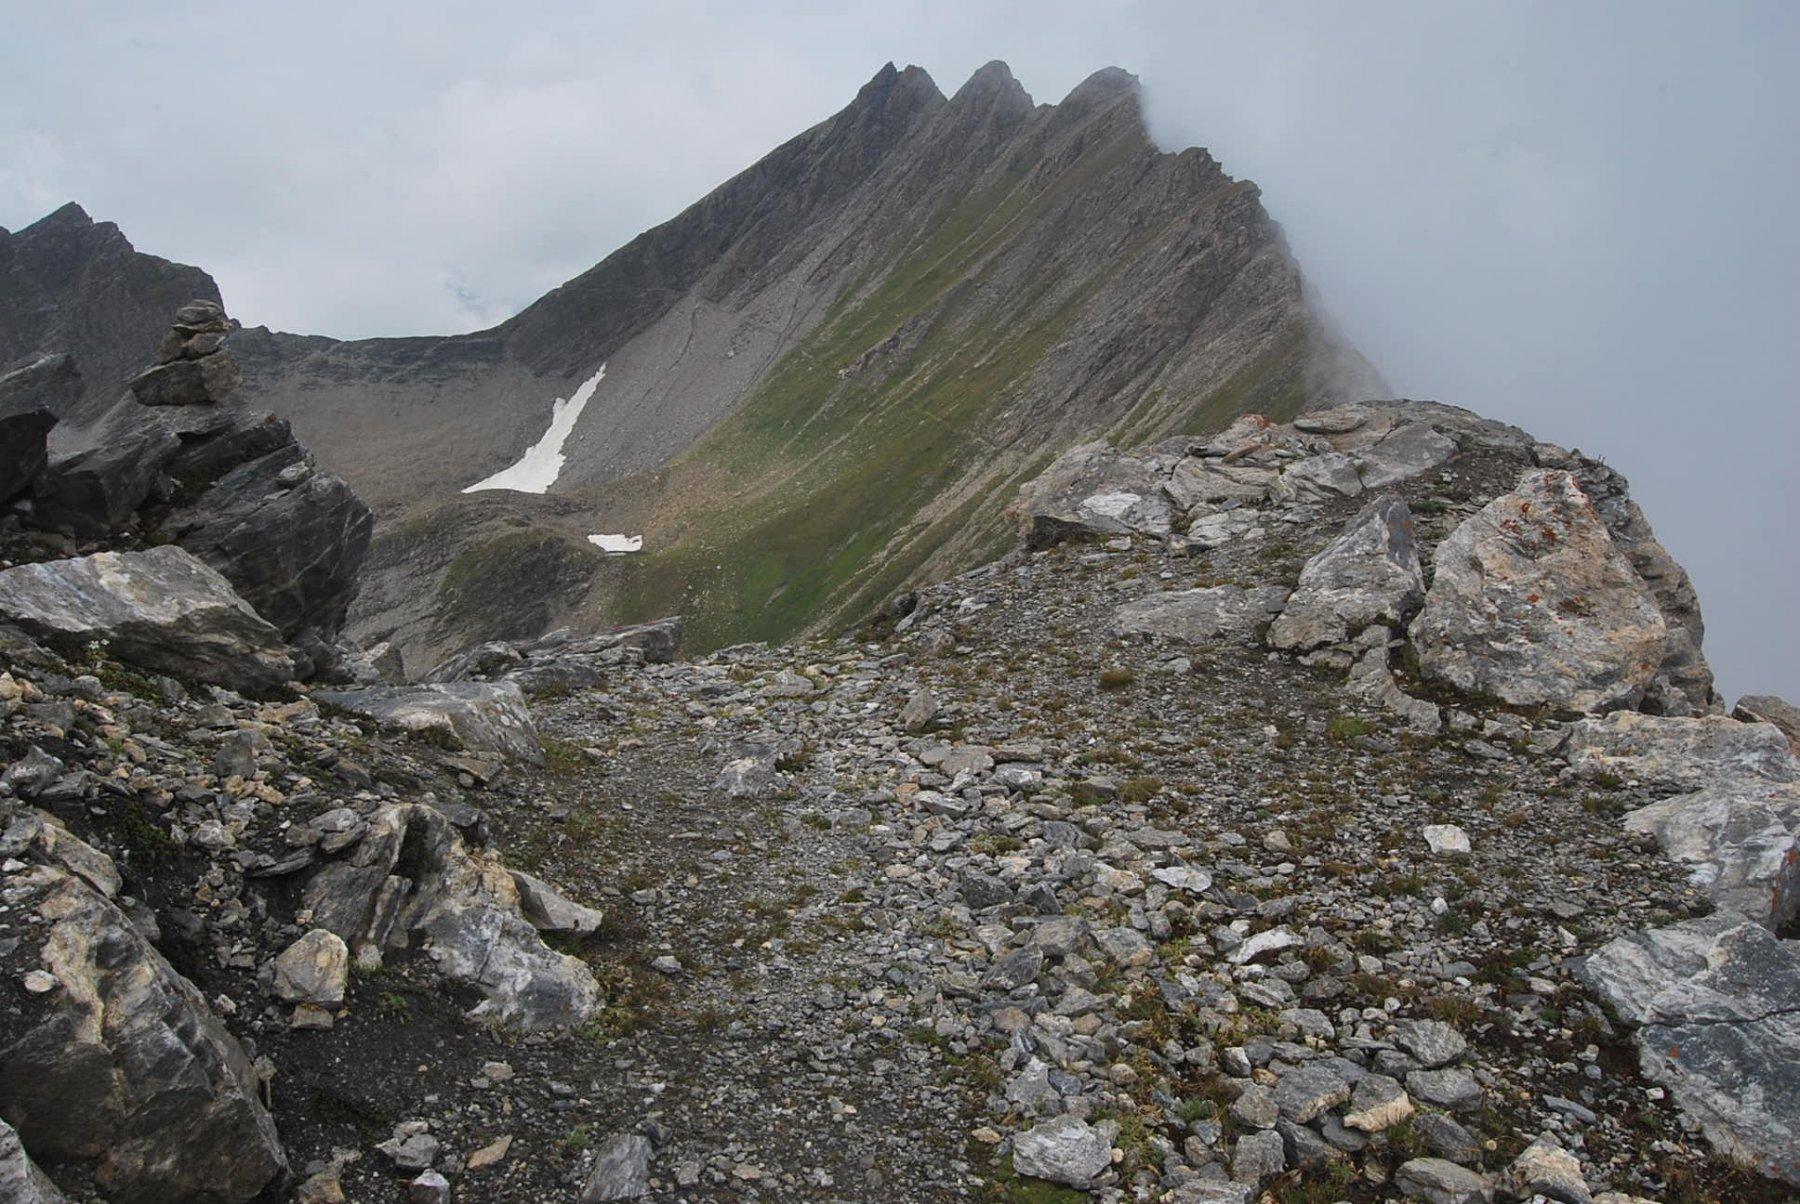 Berrio Blanc (Colle del) da Courmayeur, anello per Col de la Seigne, Col des Charmonts e Mont Fortin 2019-08-22